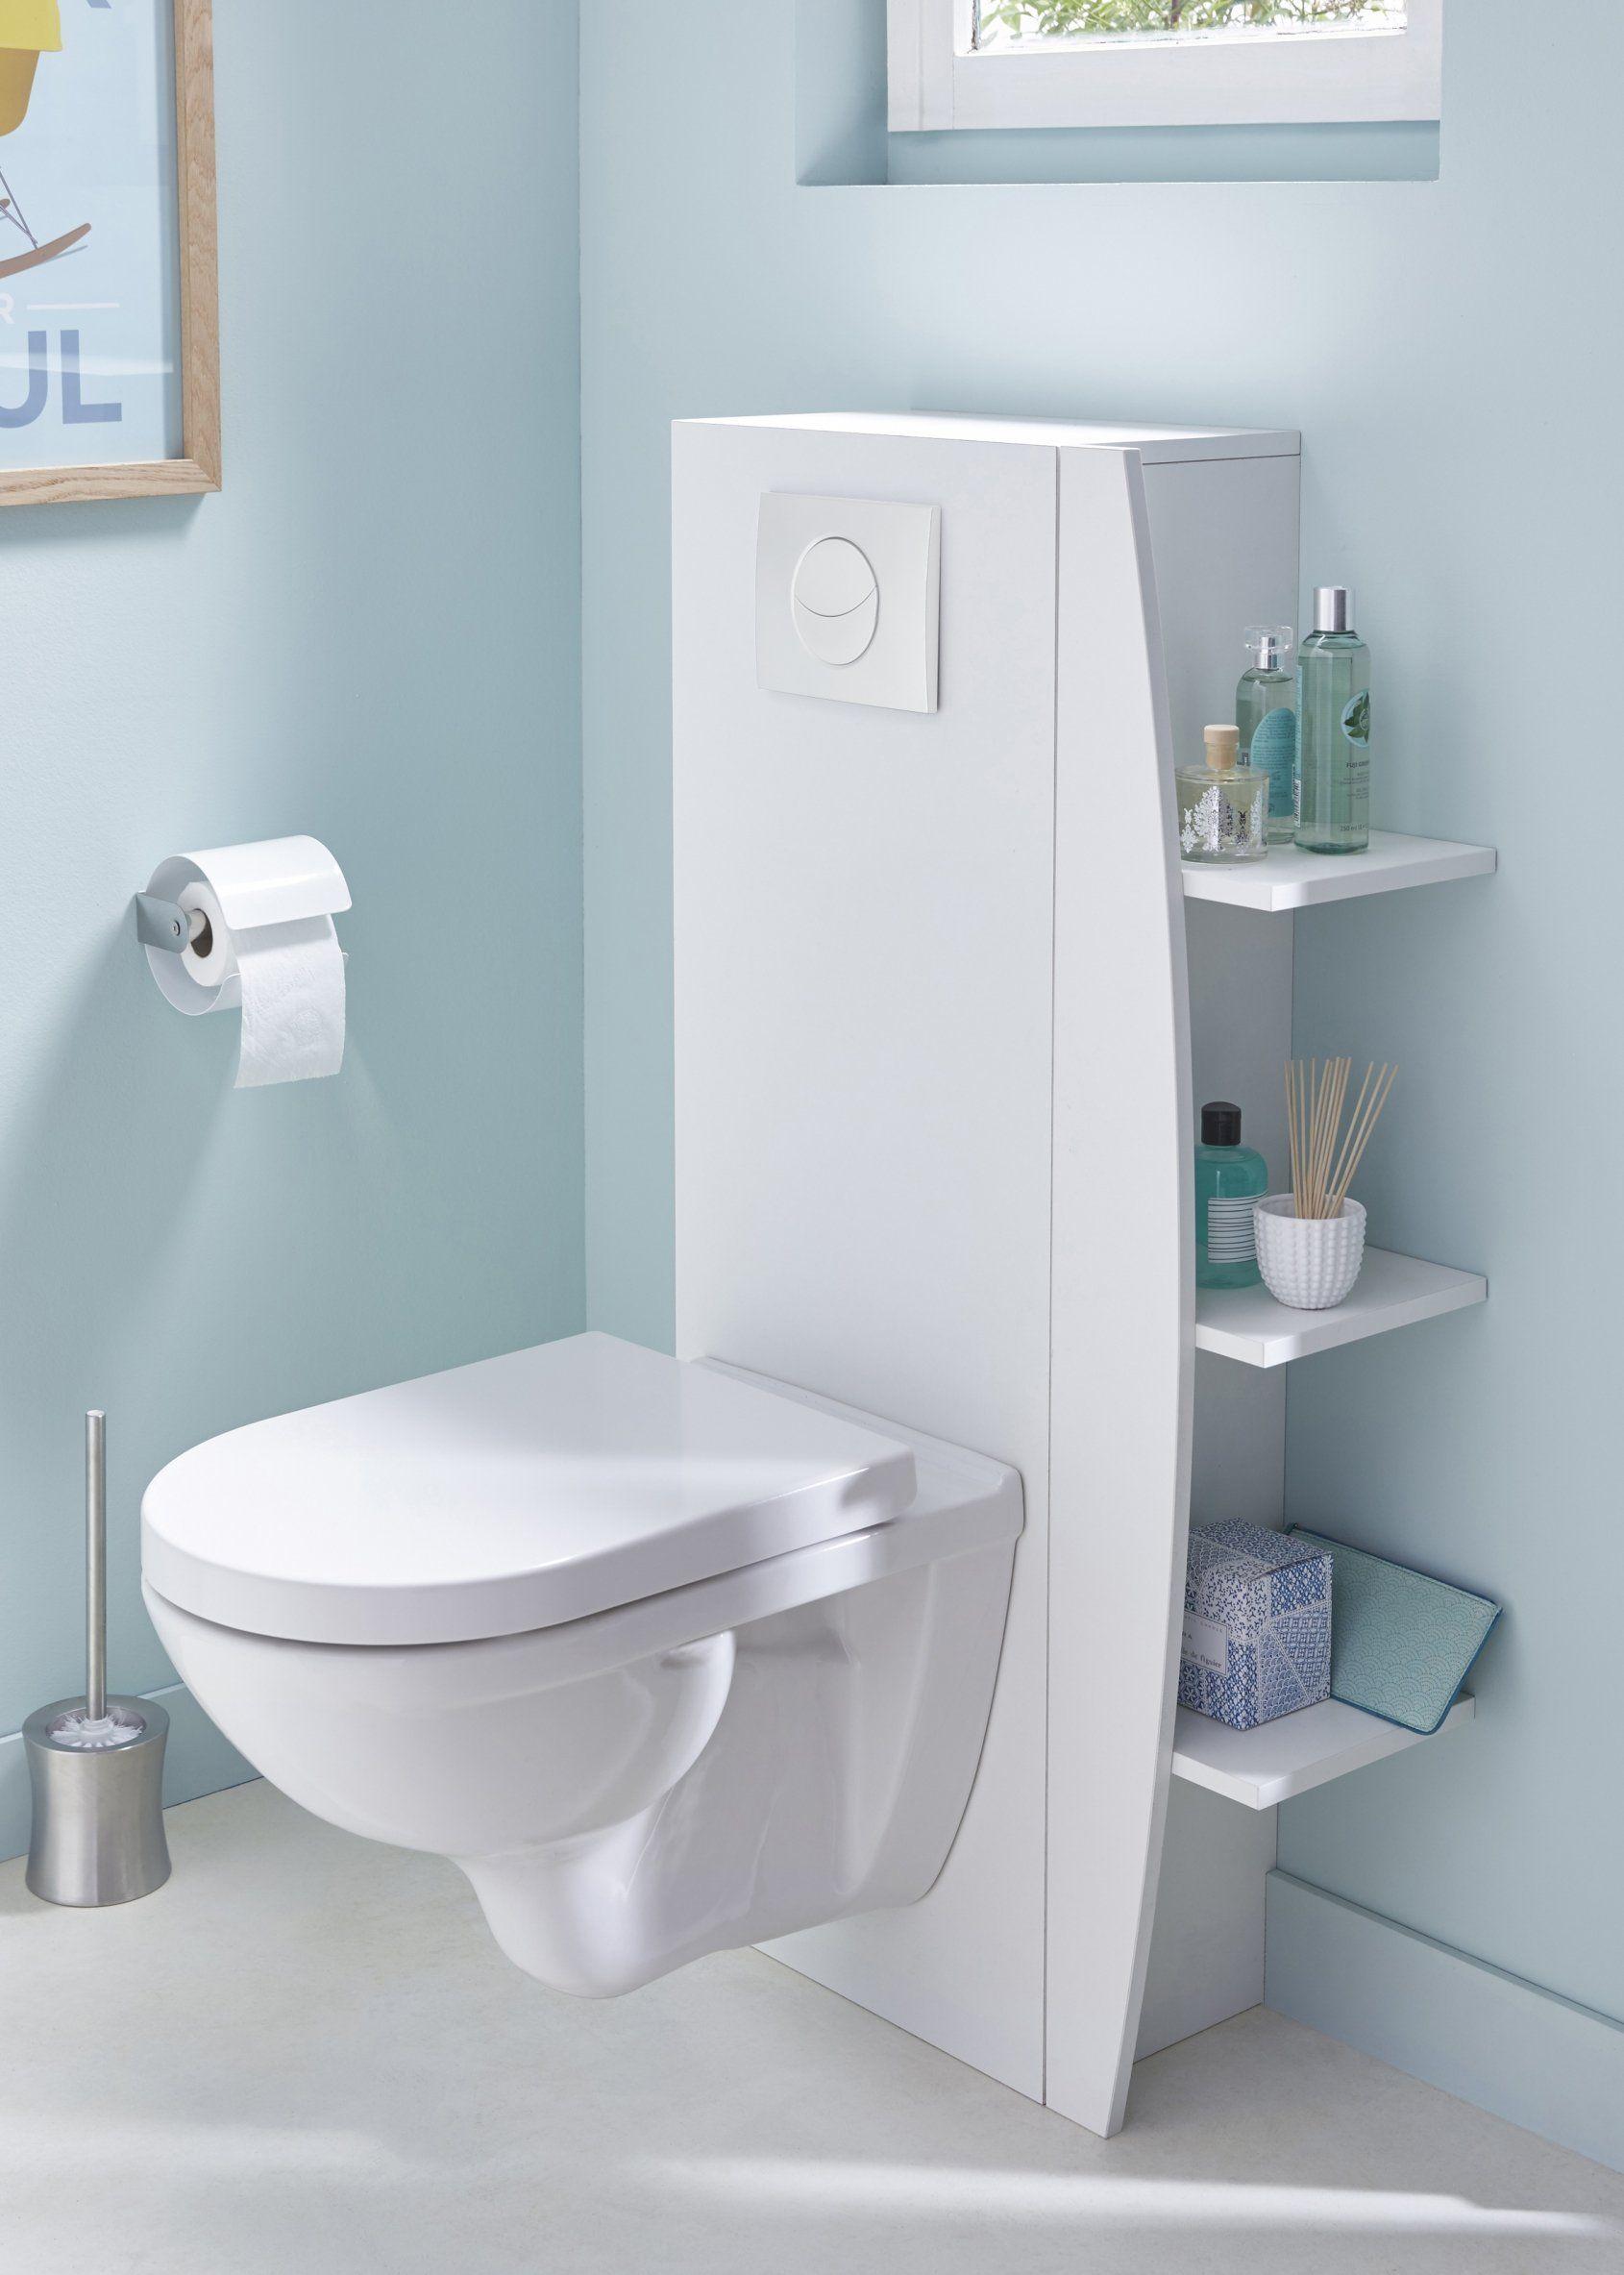 De 25 Idees Pour Decorer Vos Wc Amenagement Toilettes Wc Suspendu Deco Toilettes